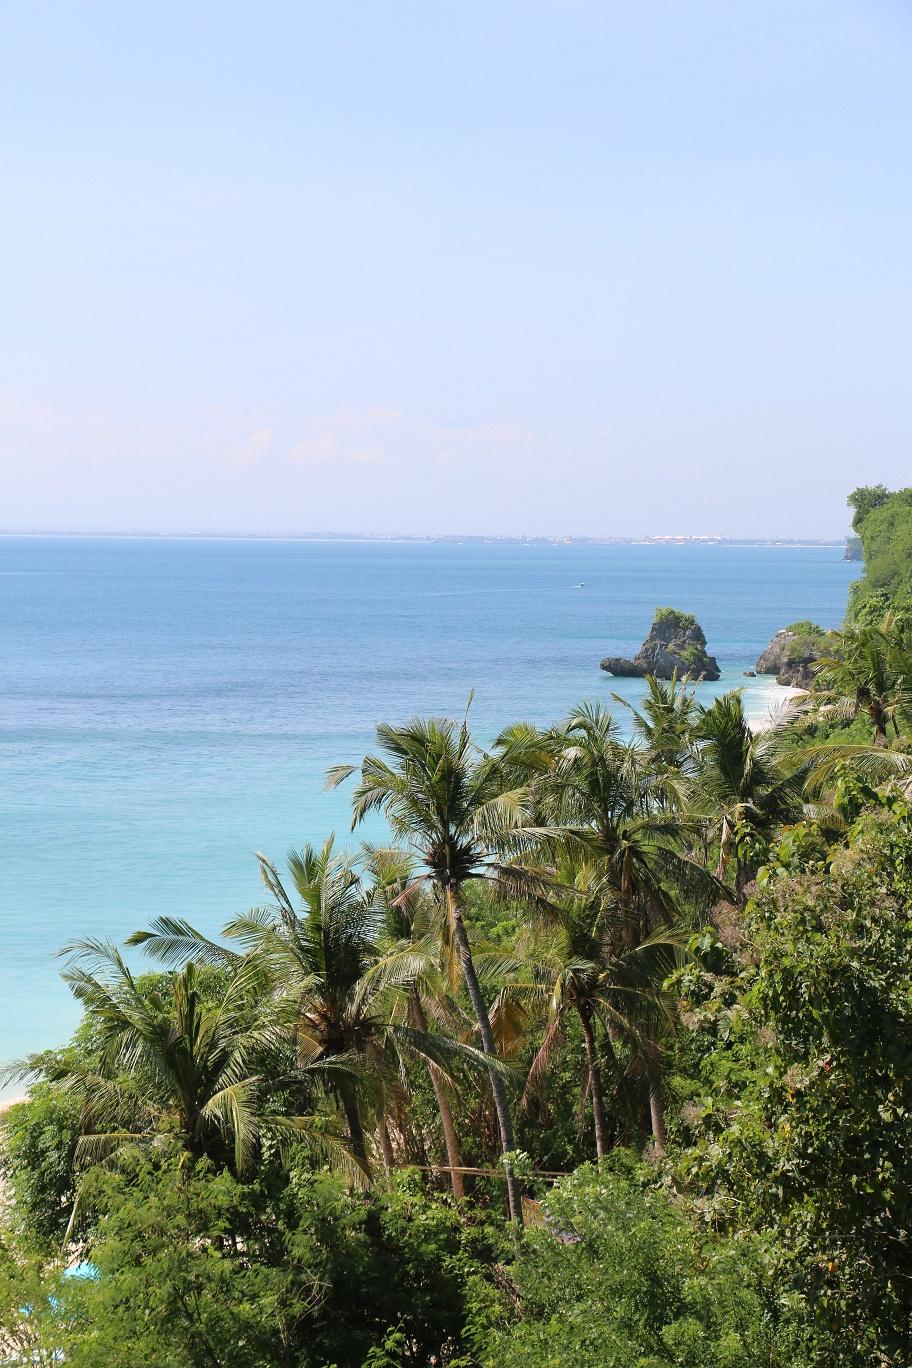 Padang_Padang_Beach_thebraidedgirl